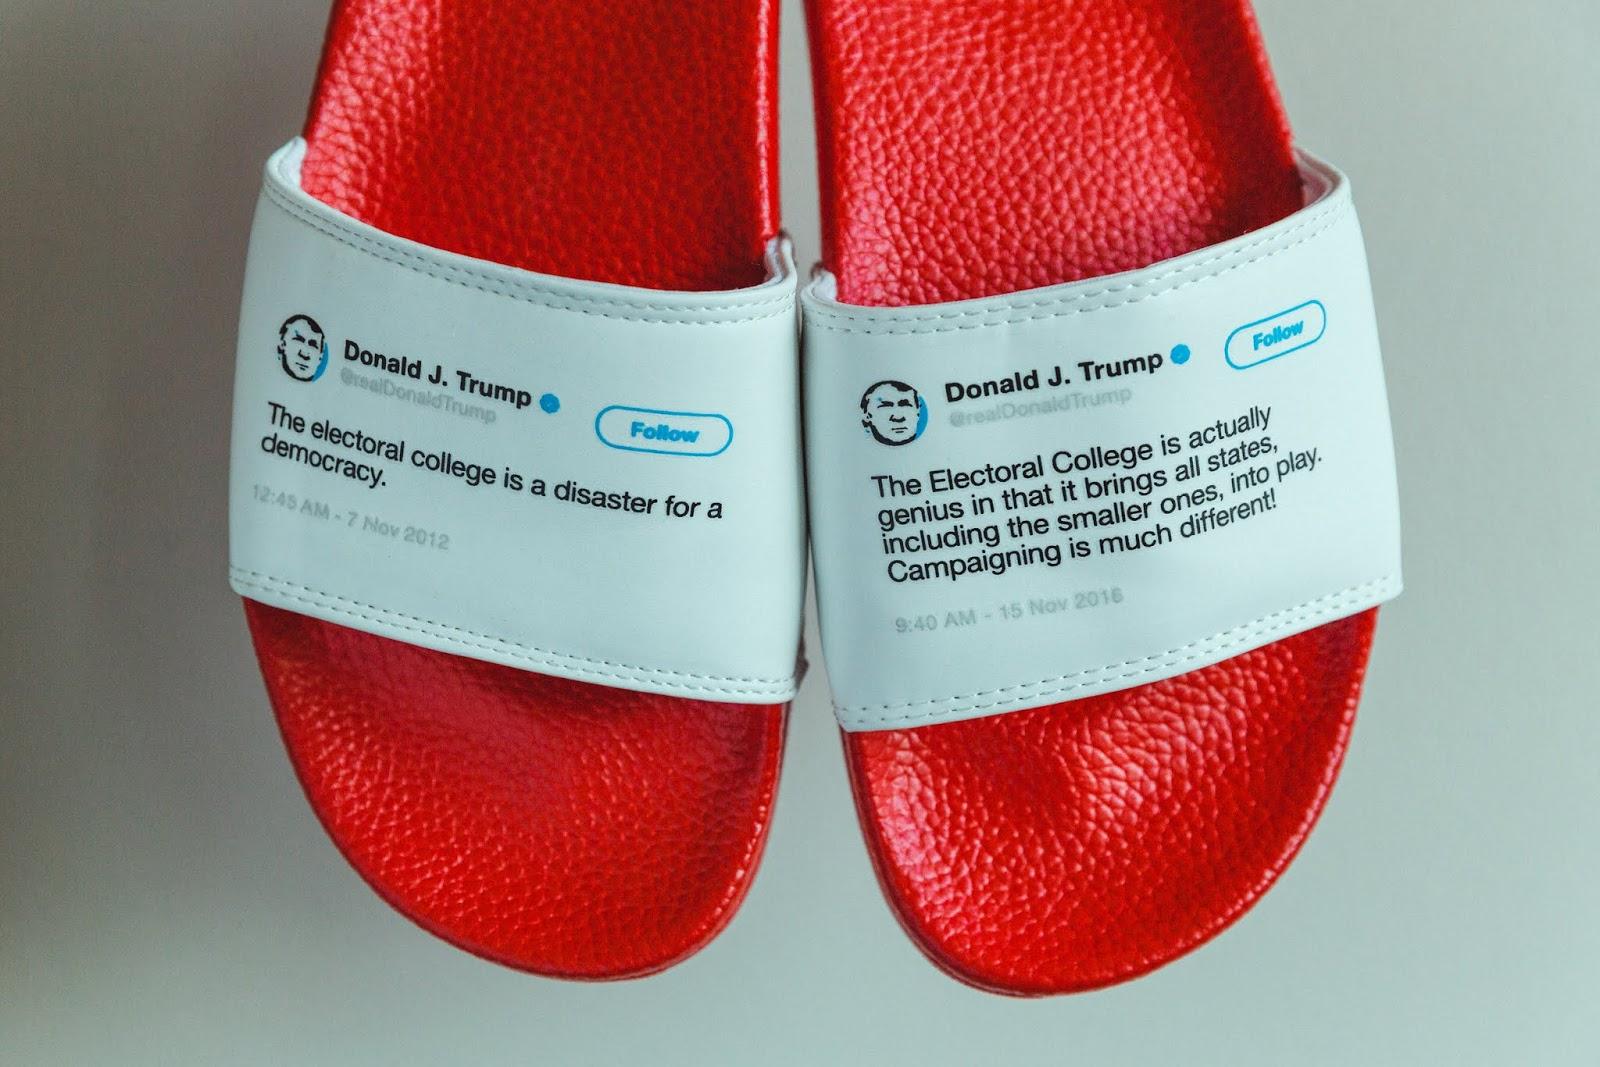 Presidential Tweets Sliders